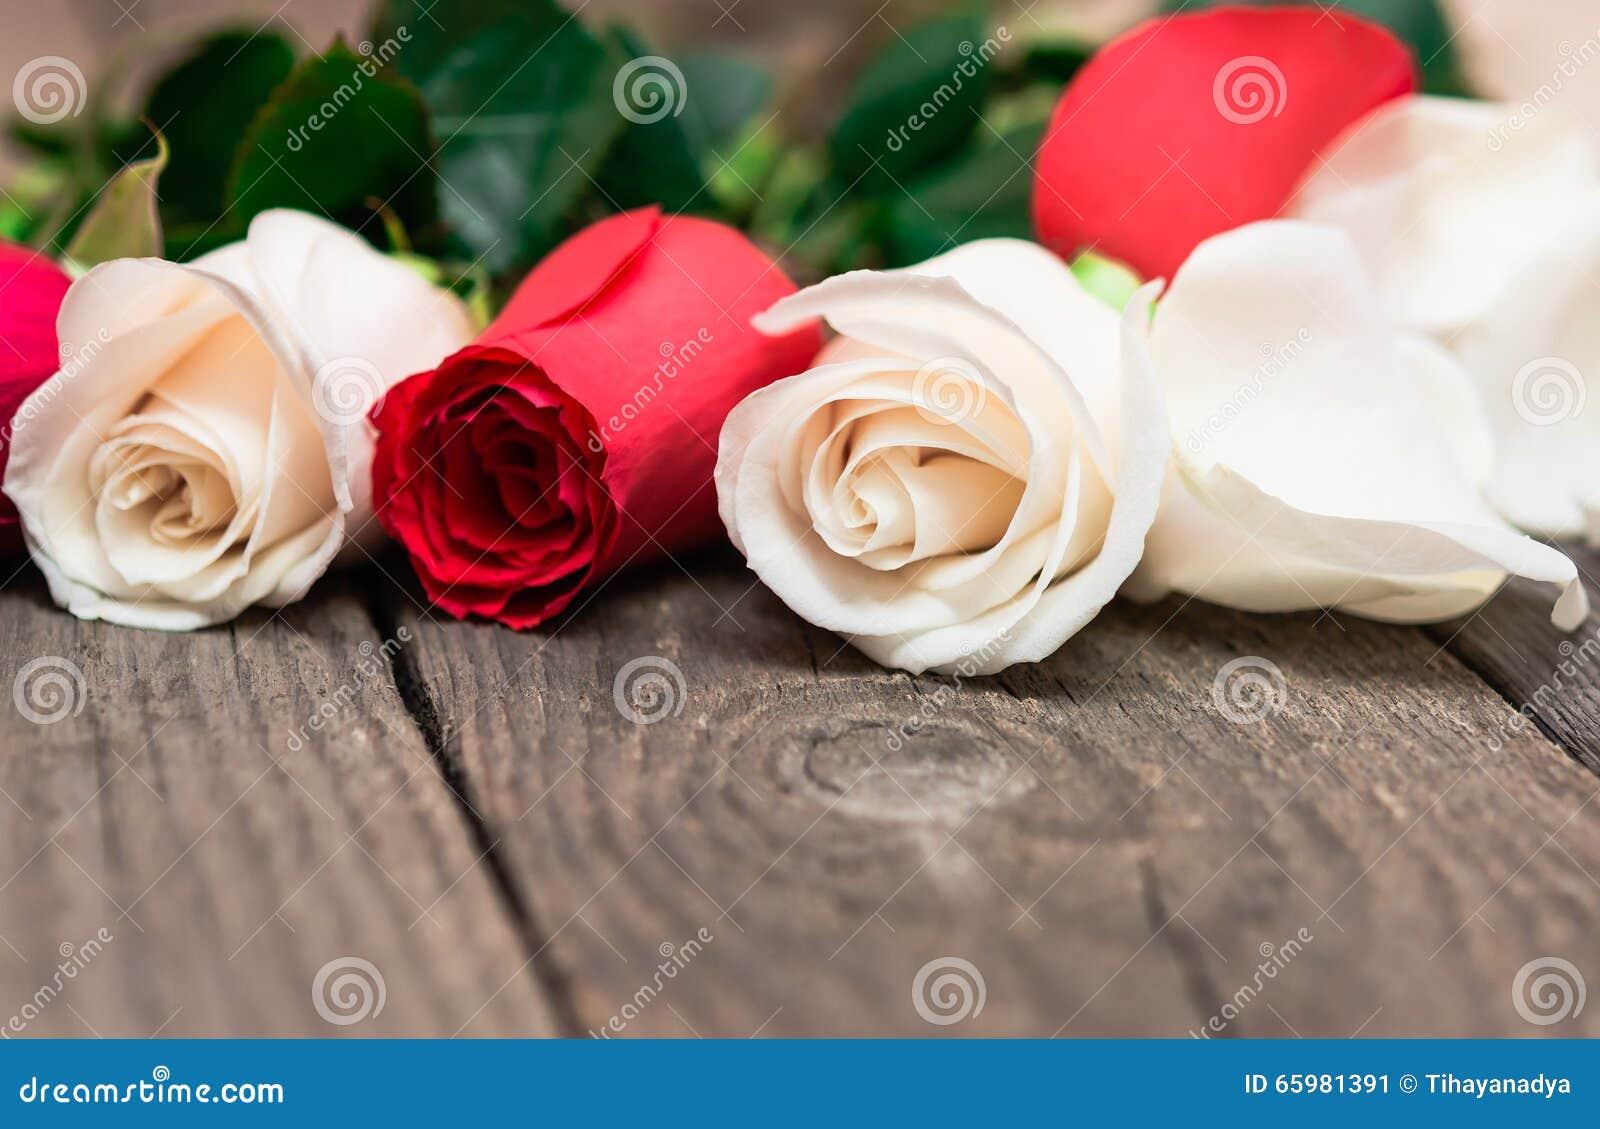 rote und wei e rosen auf h lzernem hintergrund tag women s valentin stockfoto bild 65981391. Black Bedroom Furniture Sets. Home Design Ideas